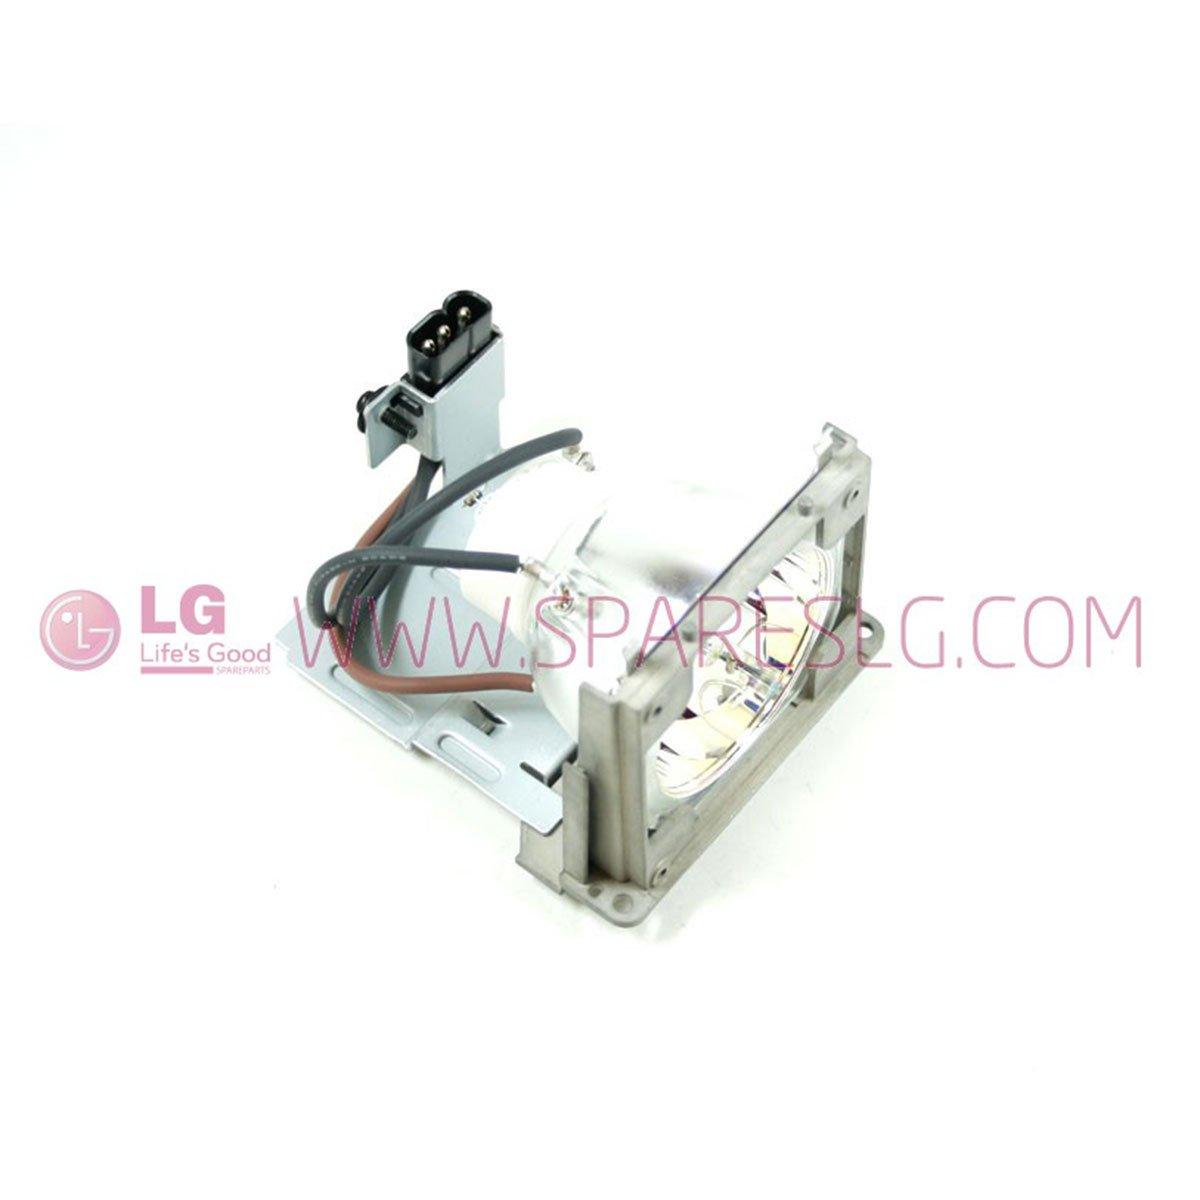 AuraBeam Económica LG BX-327 Lámpara de Repuesto para Proyector ...